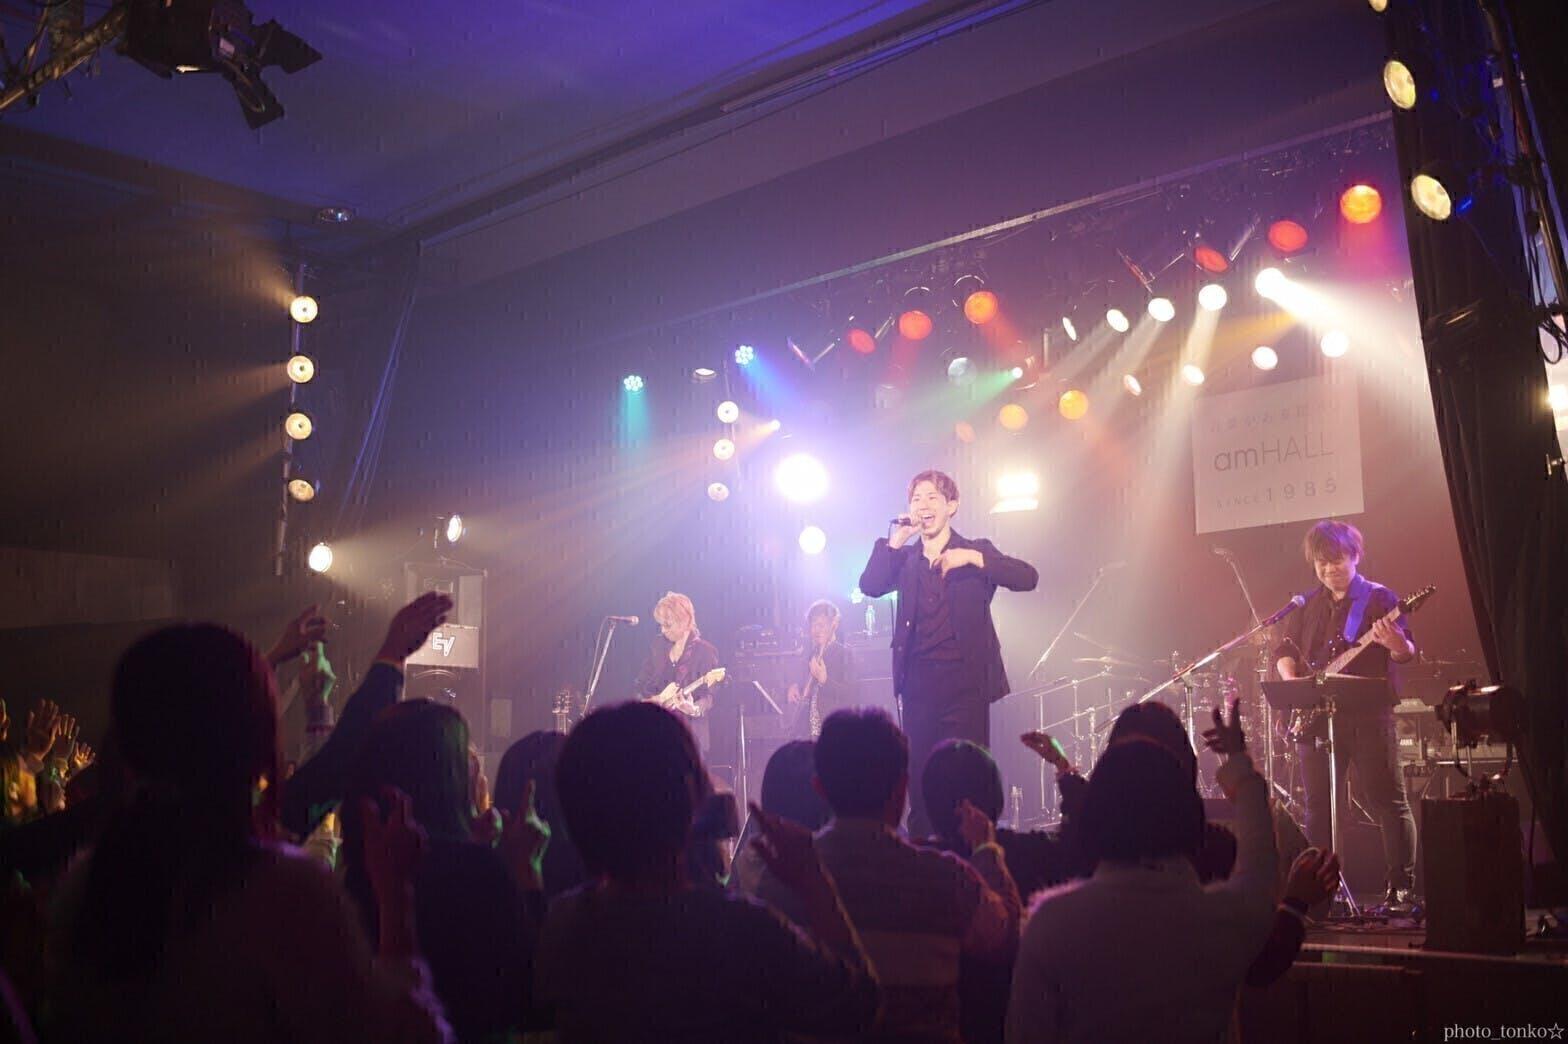 ハウス 大阪 ライブ